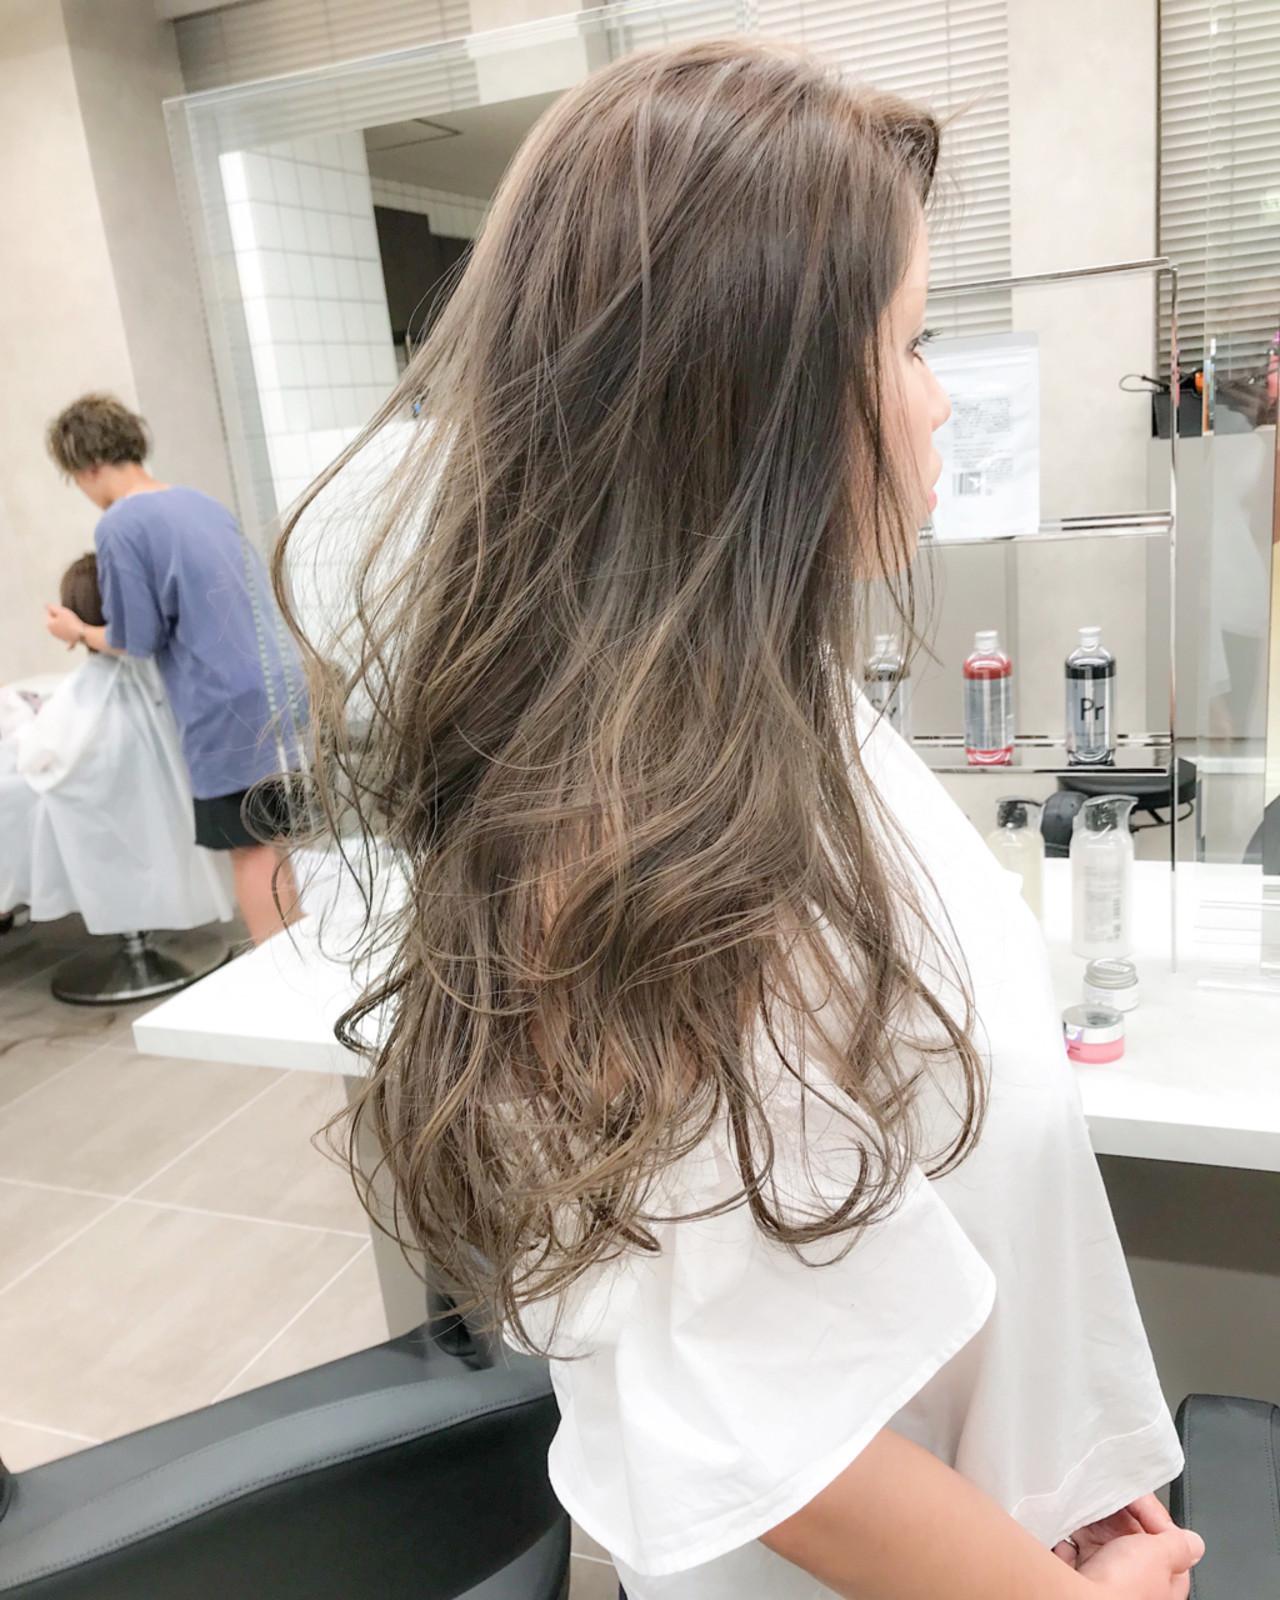 髪の負担を軽減するためには美容院を利用するべし☆ スタイリスト 奥利 洸元